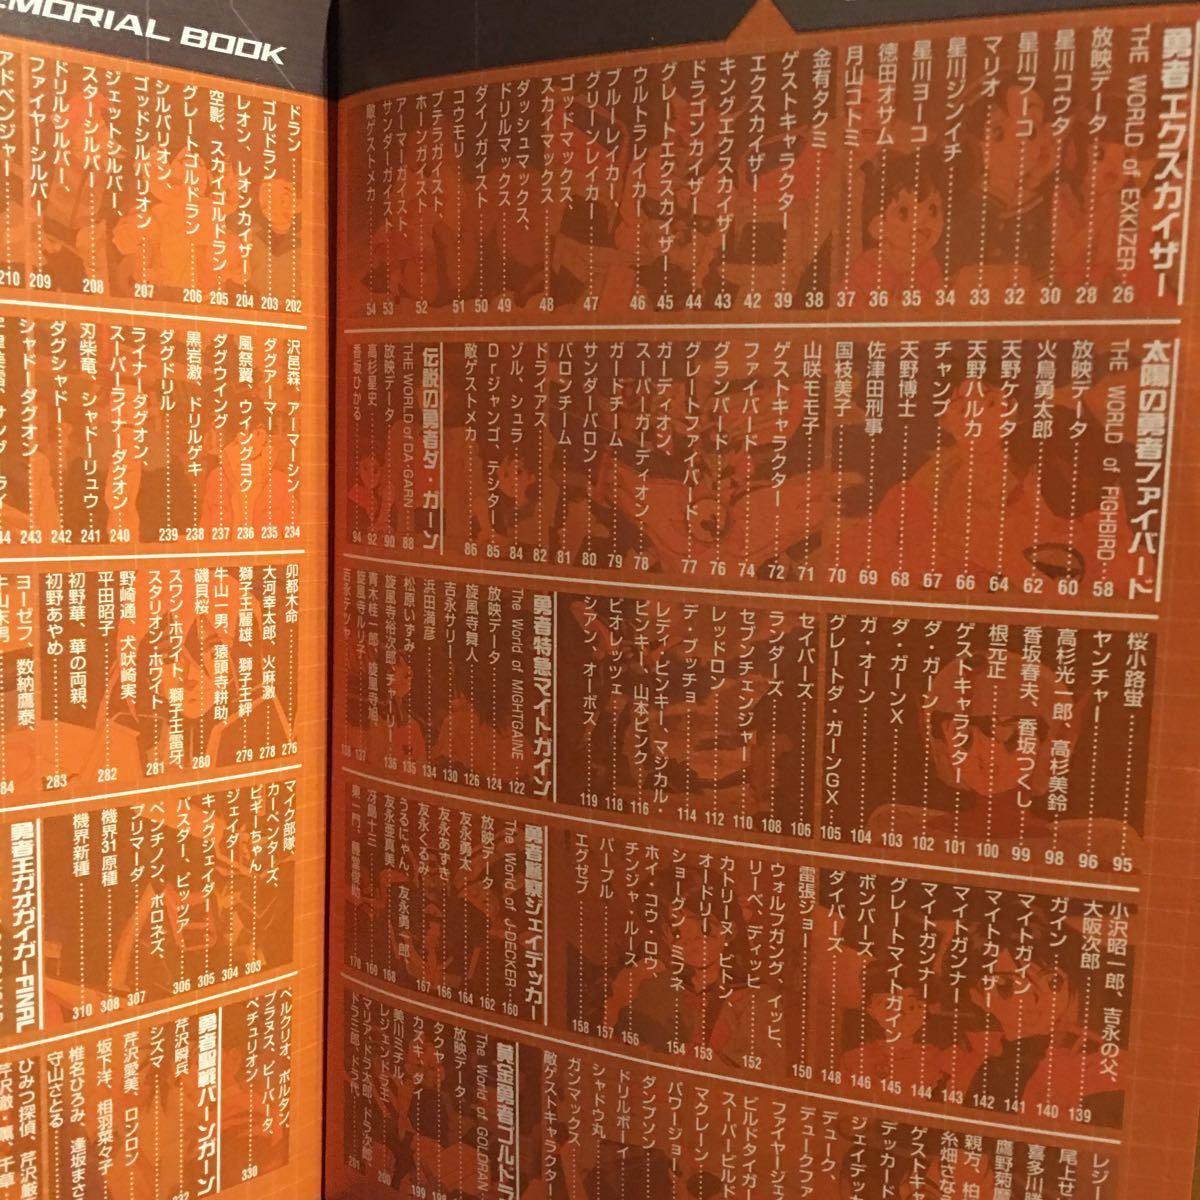 初版 帯付き 勇者シリーズ メモリアルブック ガオガイガー ダグオン バーンガーン ダ・ガーン ファイバード エクスカイザー 設定資料集 本_画像3